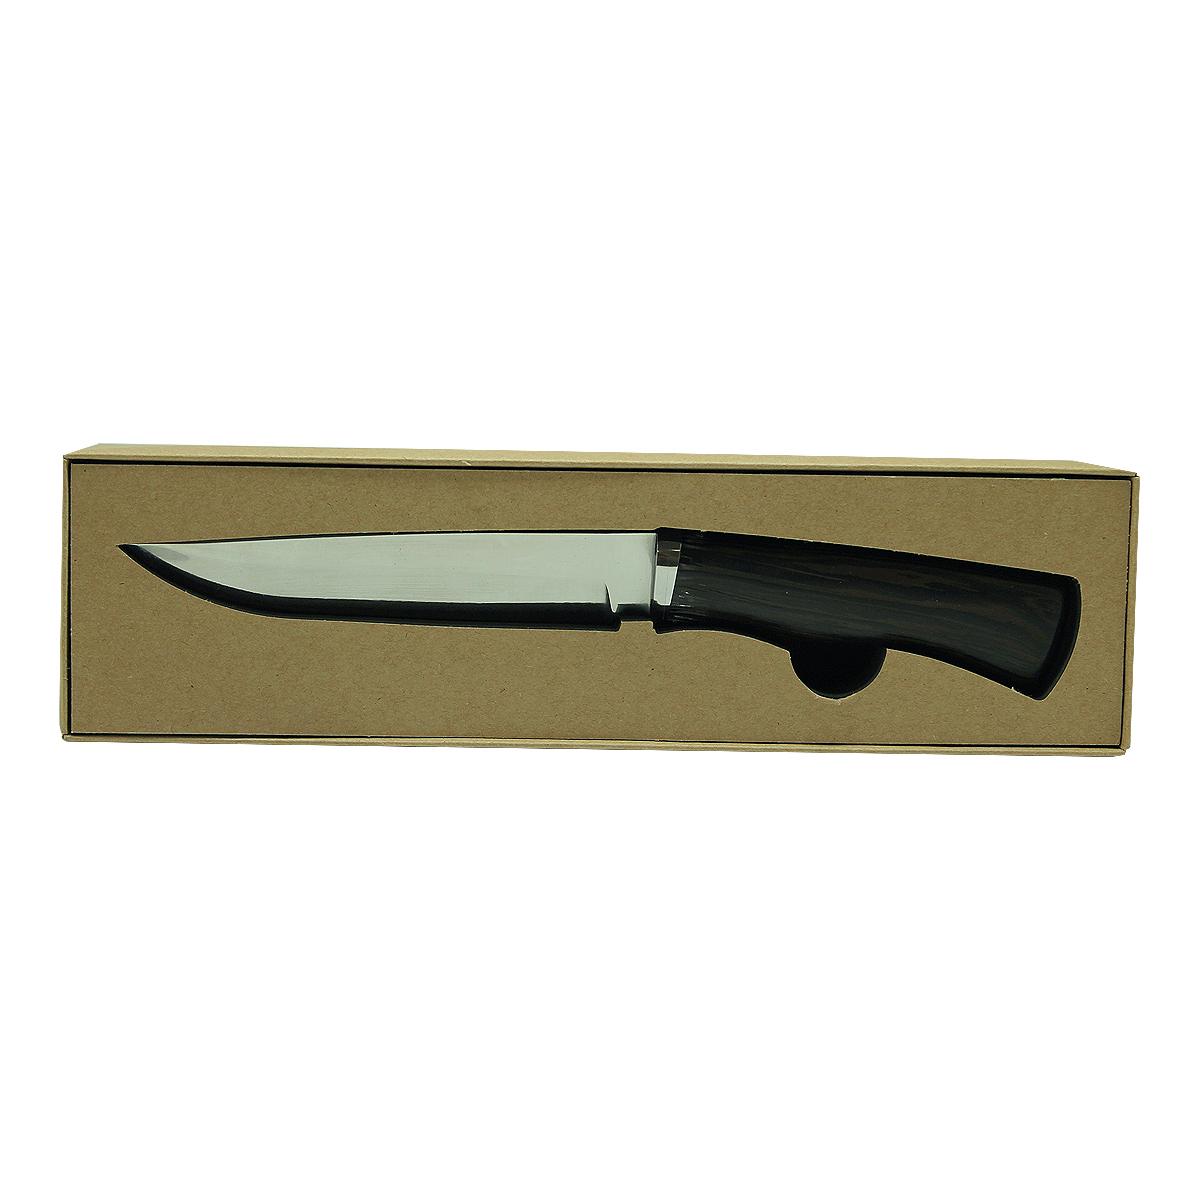 Нож Экспедиция Куница, цвет: коричневыйEKN-18Нож Экспедиция Куница - крутой аксессуар для настоящих мужчин! Деревянная рукоять ножа очень удобно ложится в руку. А лезвие, выполненное из высококачественной стали, имеет оптимальную длину и форму. Благодаря специальной заточке клинок будет оставаться острым на протяжении многих лет службы. Оригинальный нож Куница станет отменным подарком охотнику, рыбаку, туристу, путешественнику или коллекционеру качественного холодного оружия. Материал клинка: высококачественная нержавеющая сталь.Материал рукояти: дерево, покрытое лаком.